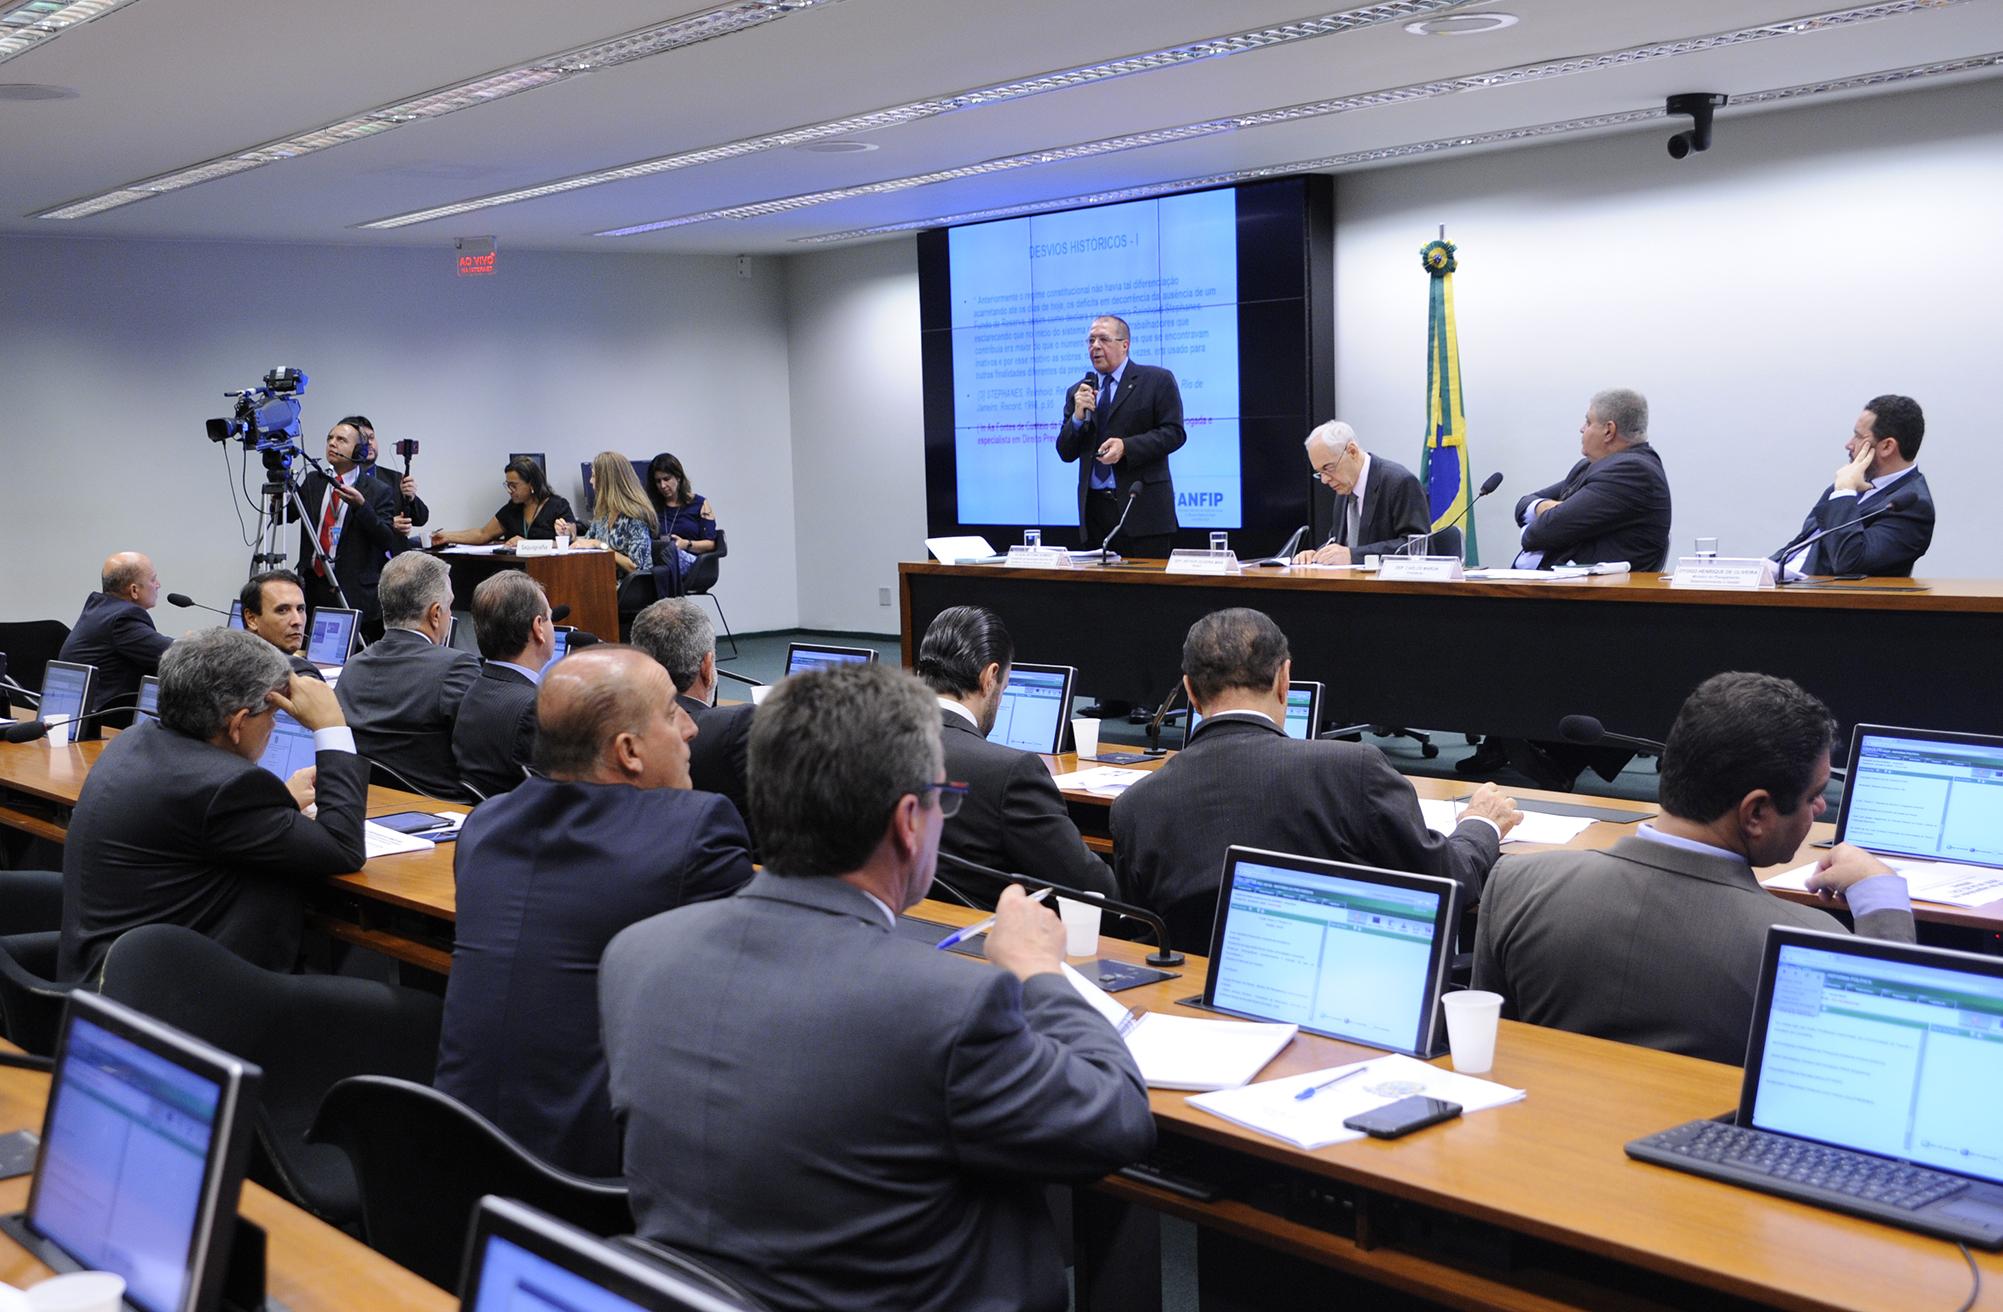 Audiência pública para debater o equilíbrio financeiro e atuarial da Previdência